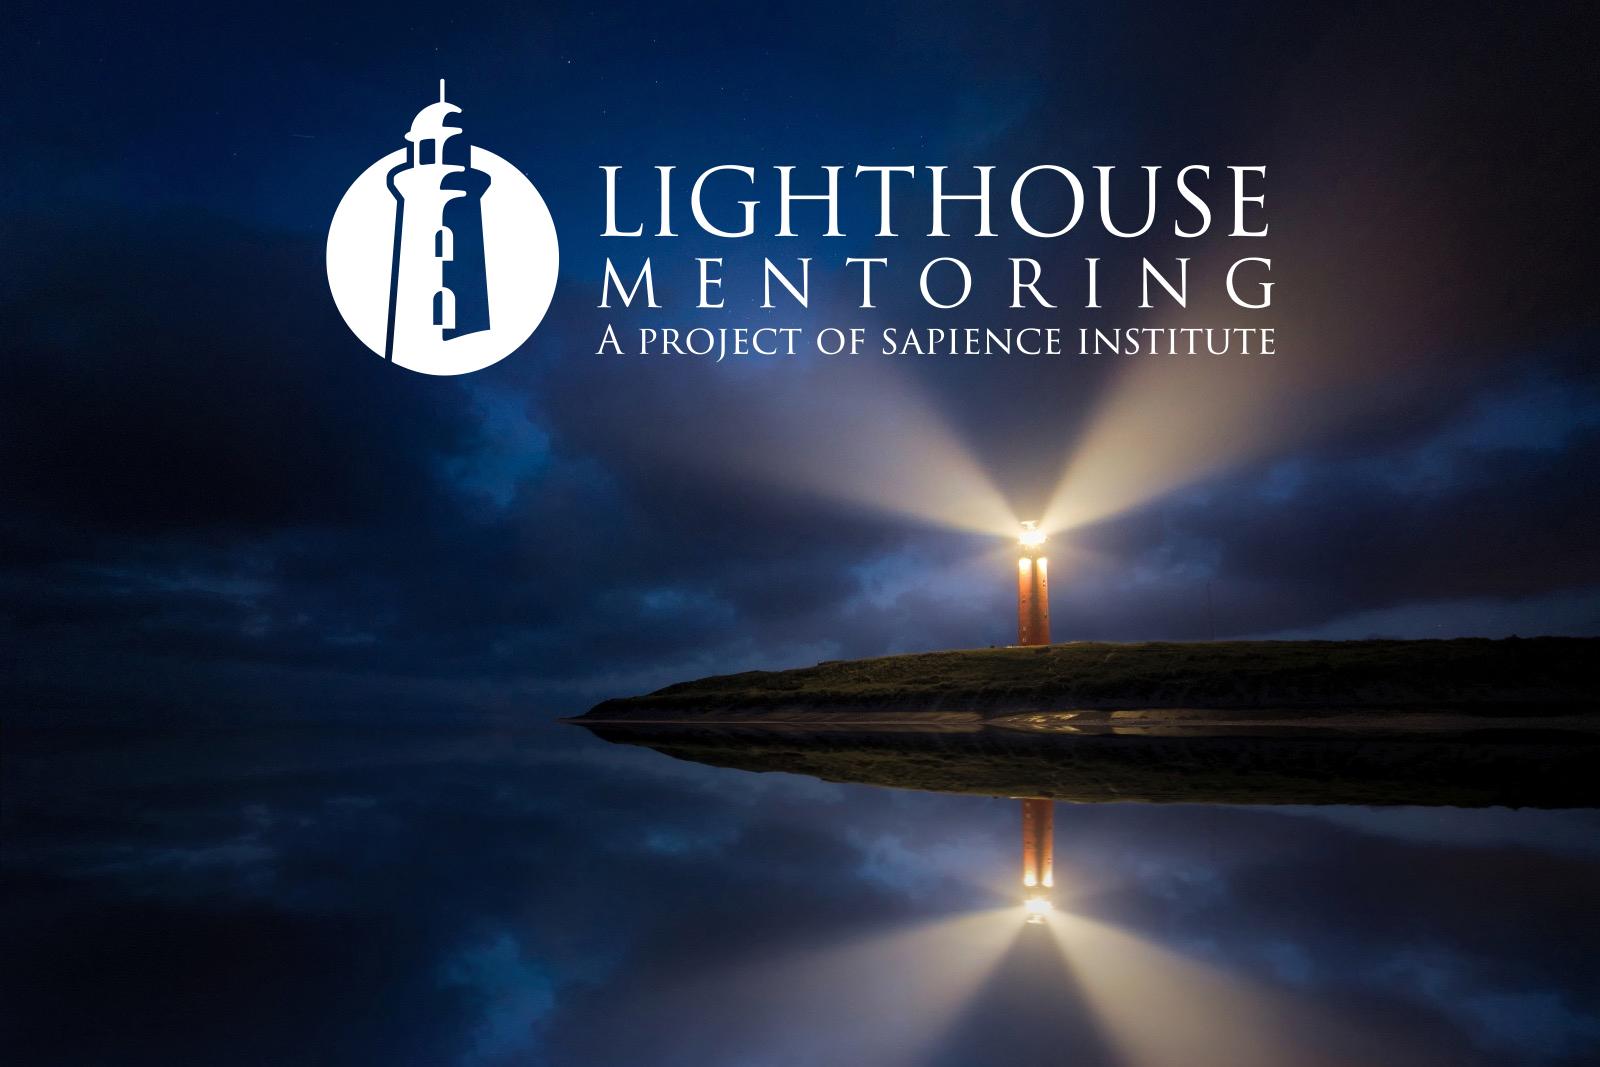 LightHouse-image